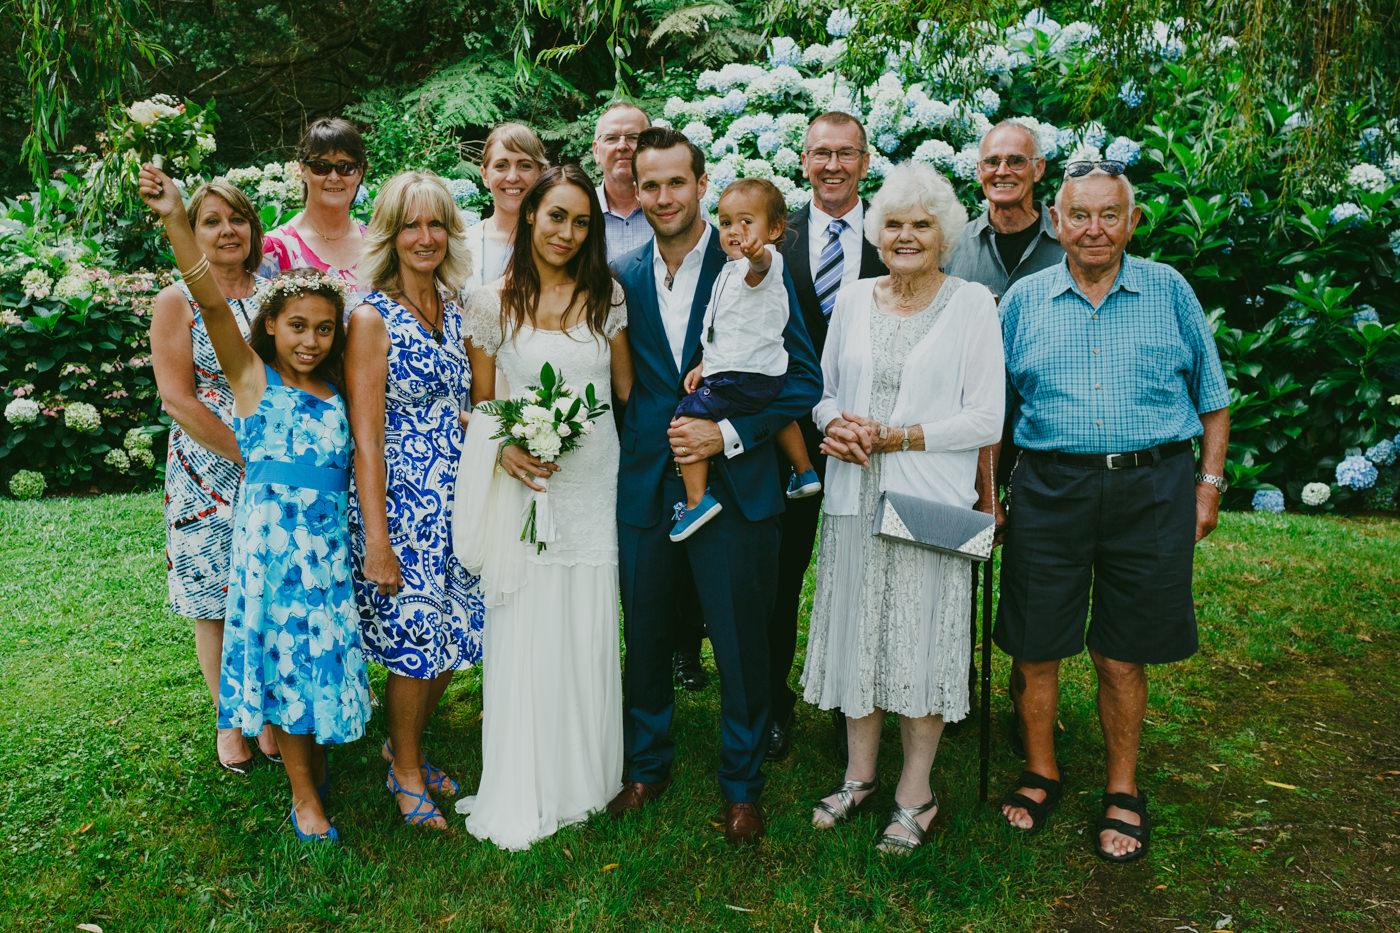 060z_auckland_leigh_wedding_photos.jpg